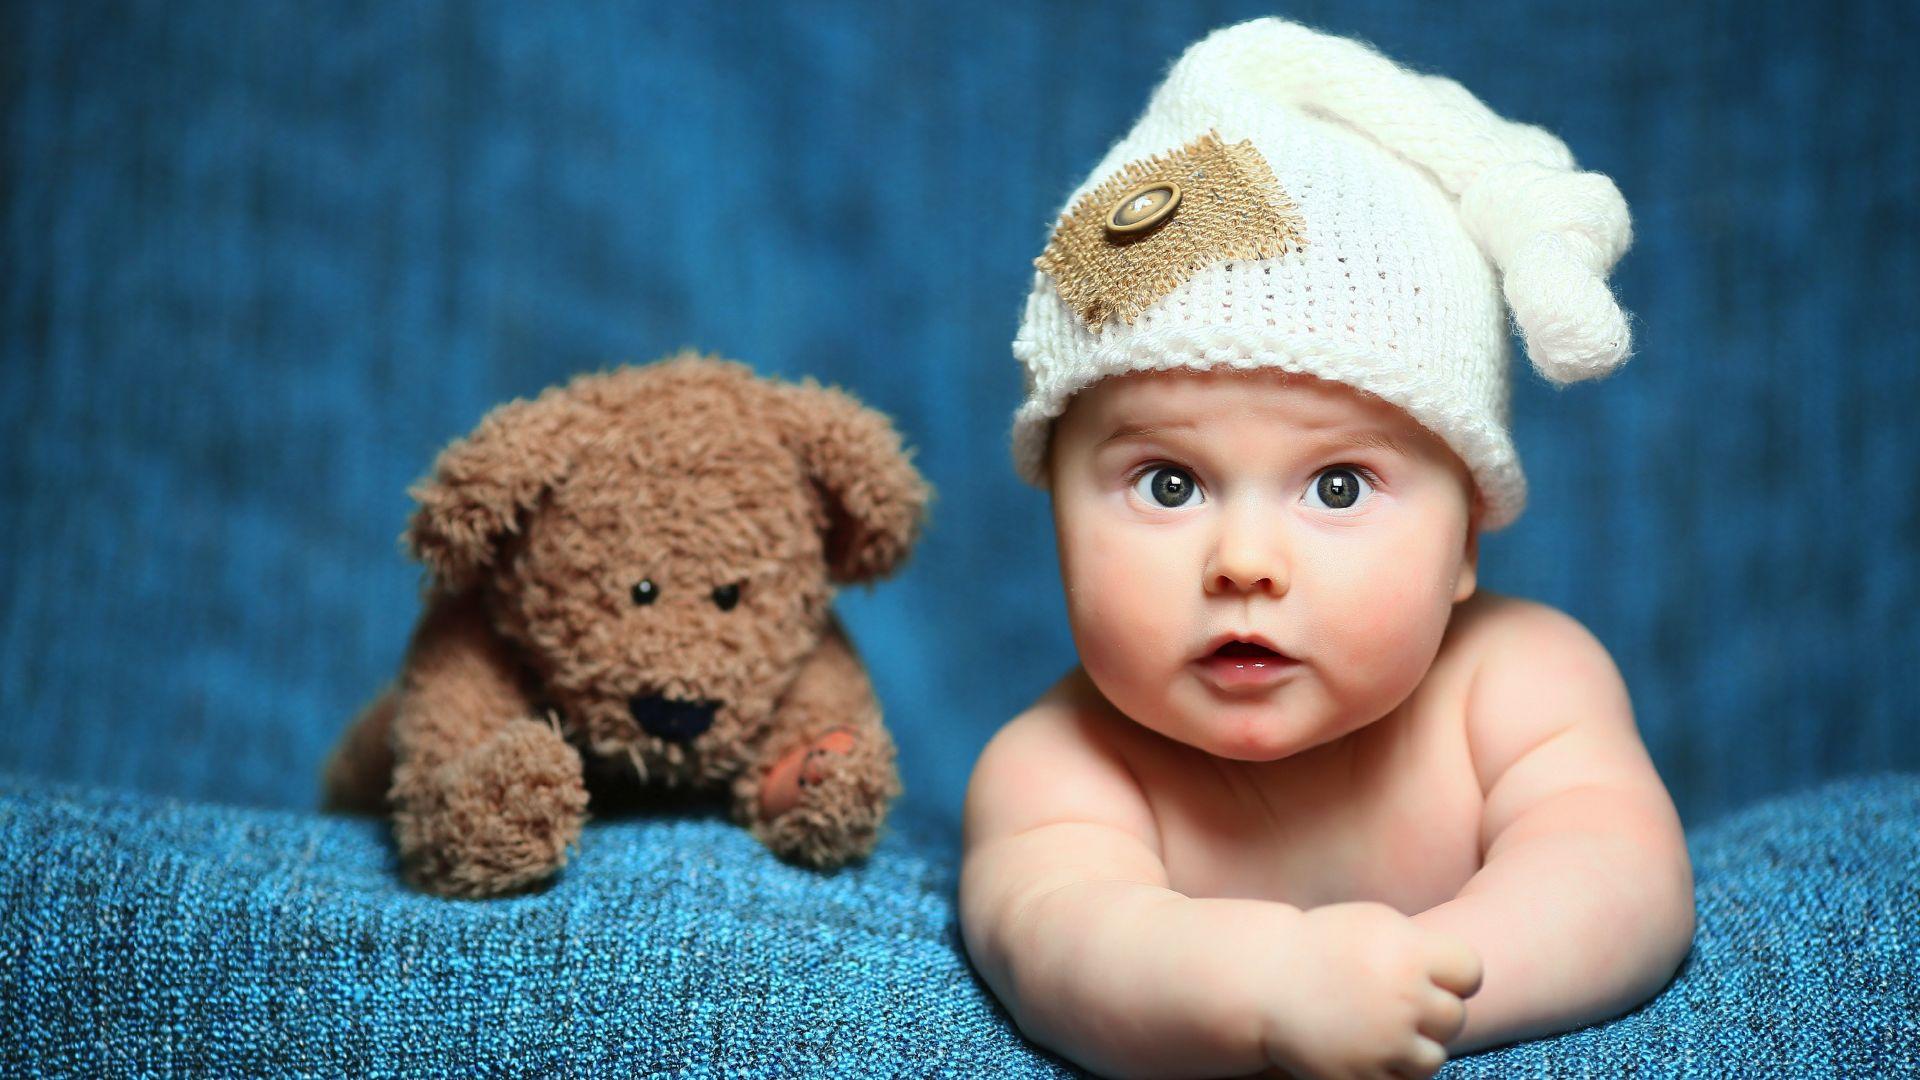 Desktop Wallpaper Cute Baby Kid Teddy Bear 4k Hd Image Picture Background A8b068